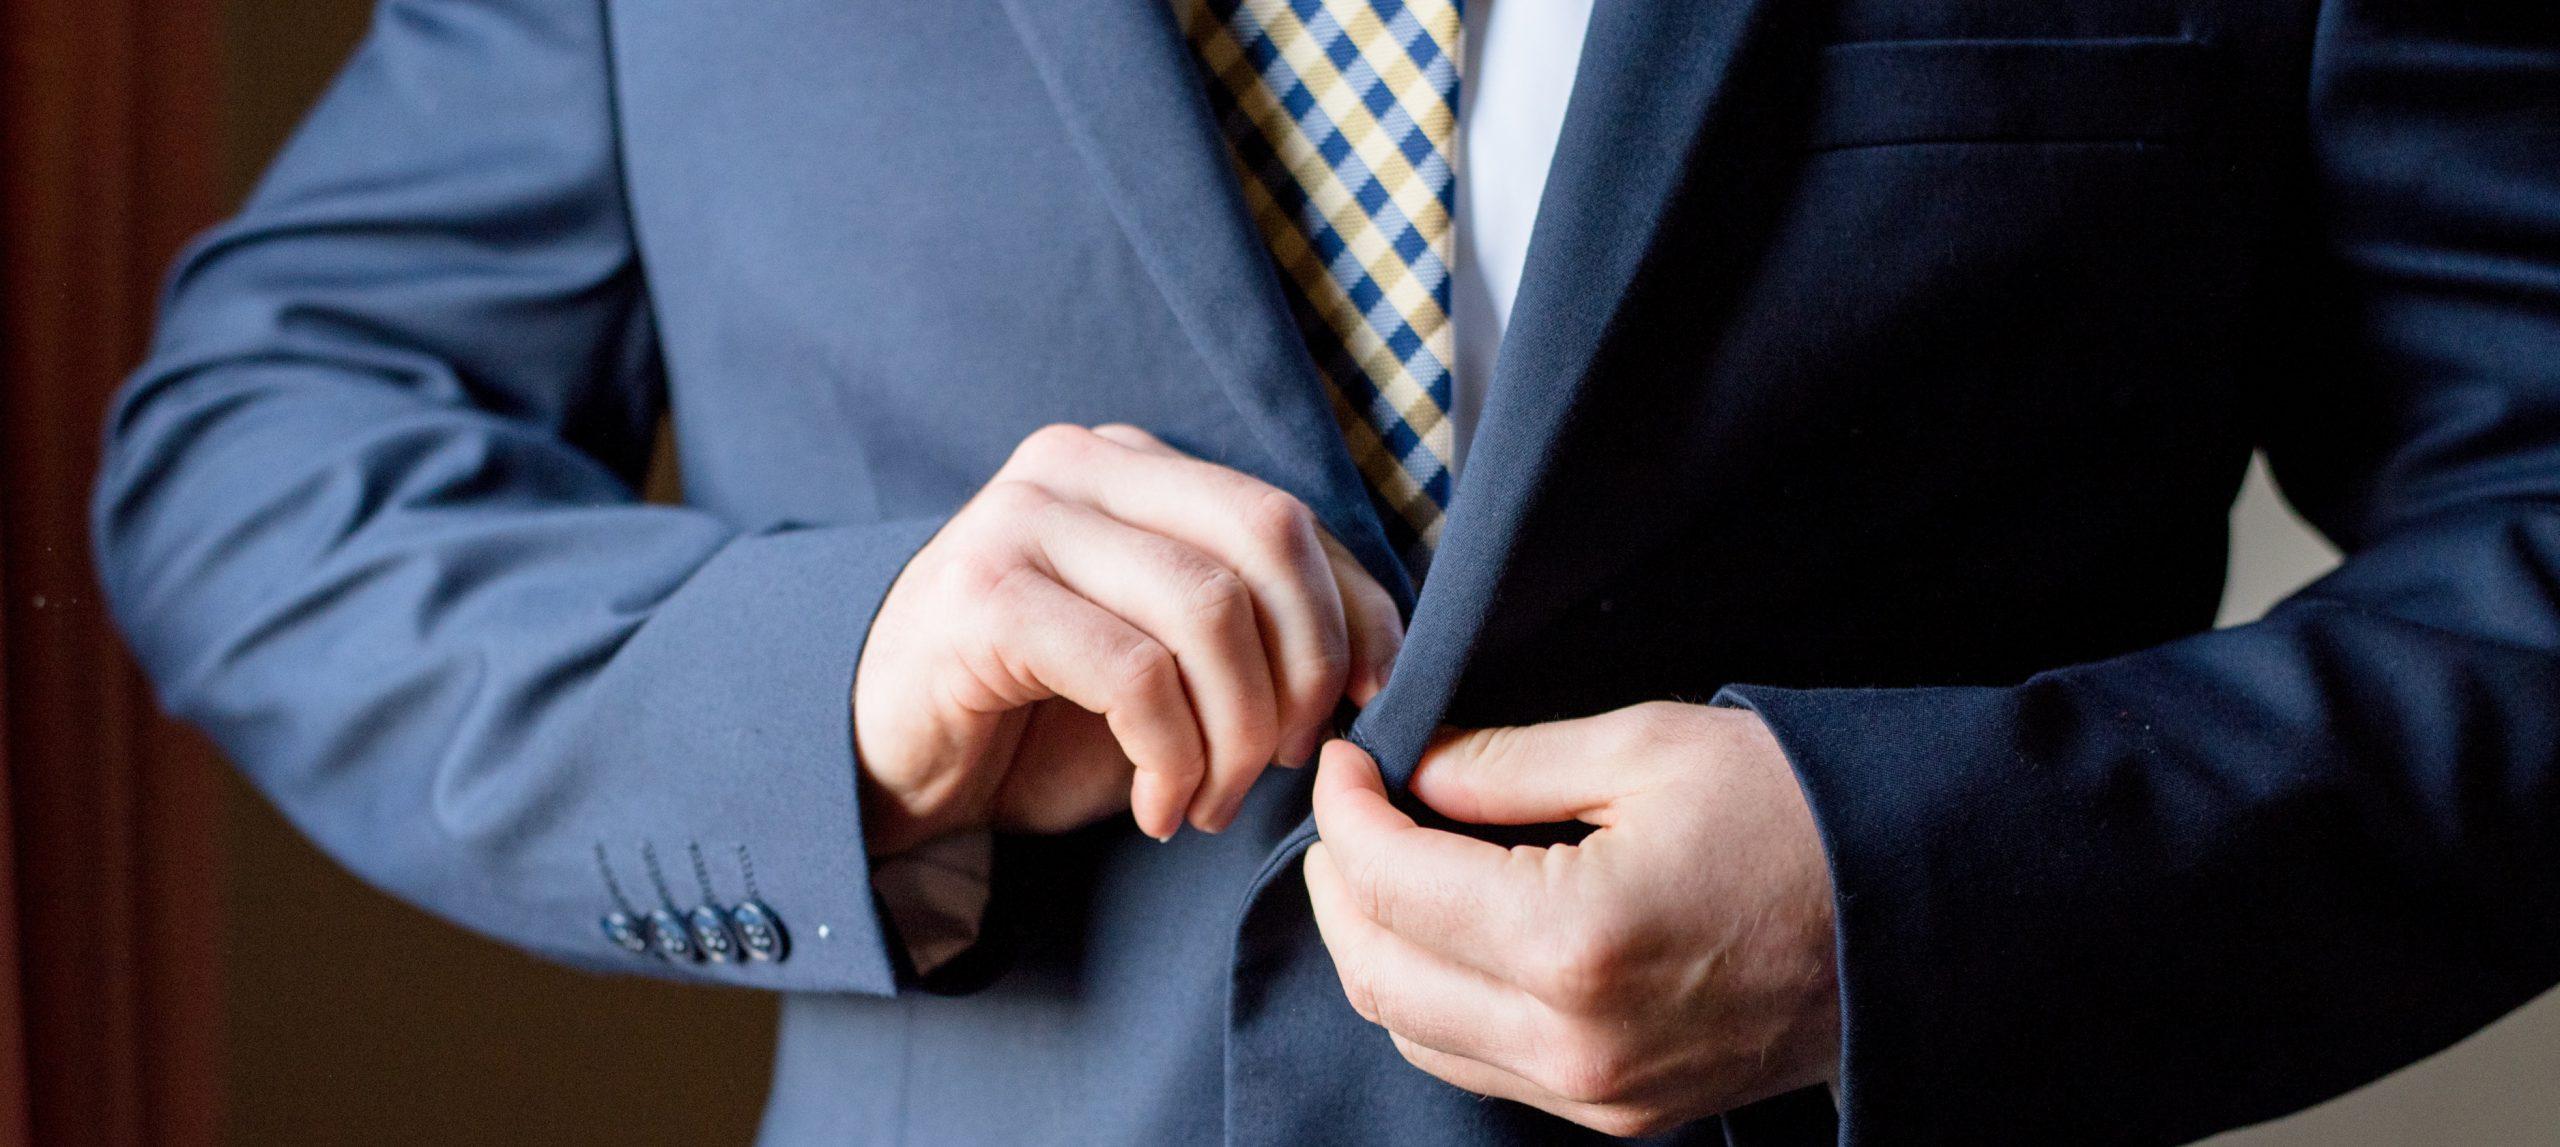 Blauer Anzug – Welche Krawatte passt dazu?